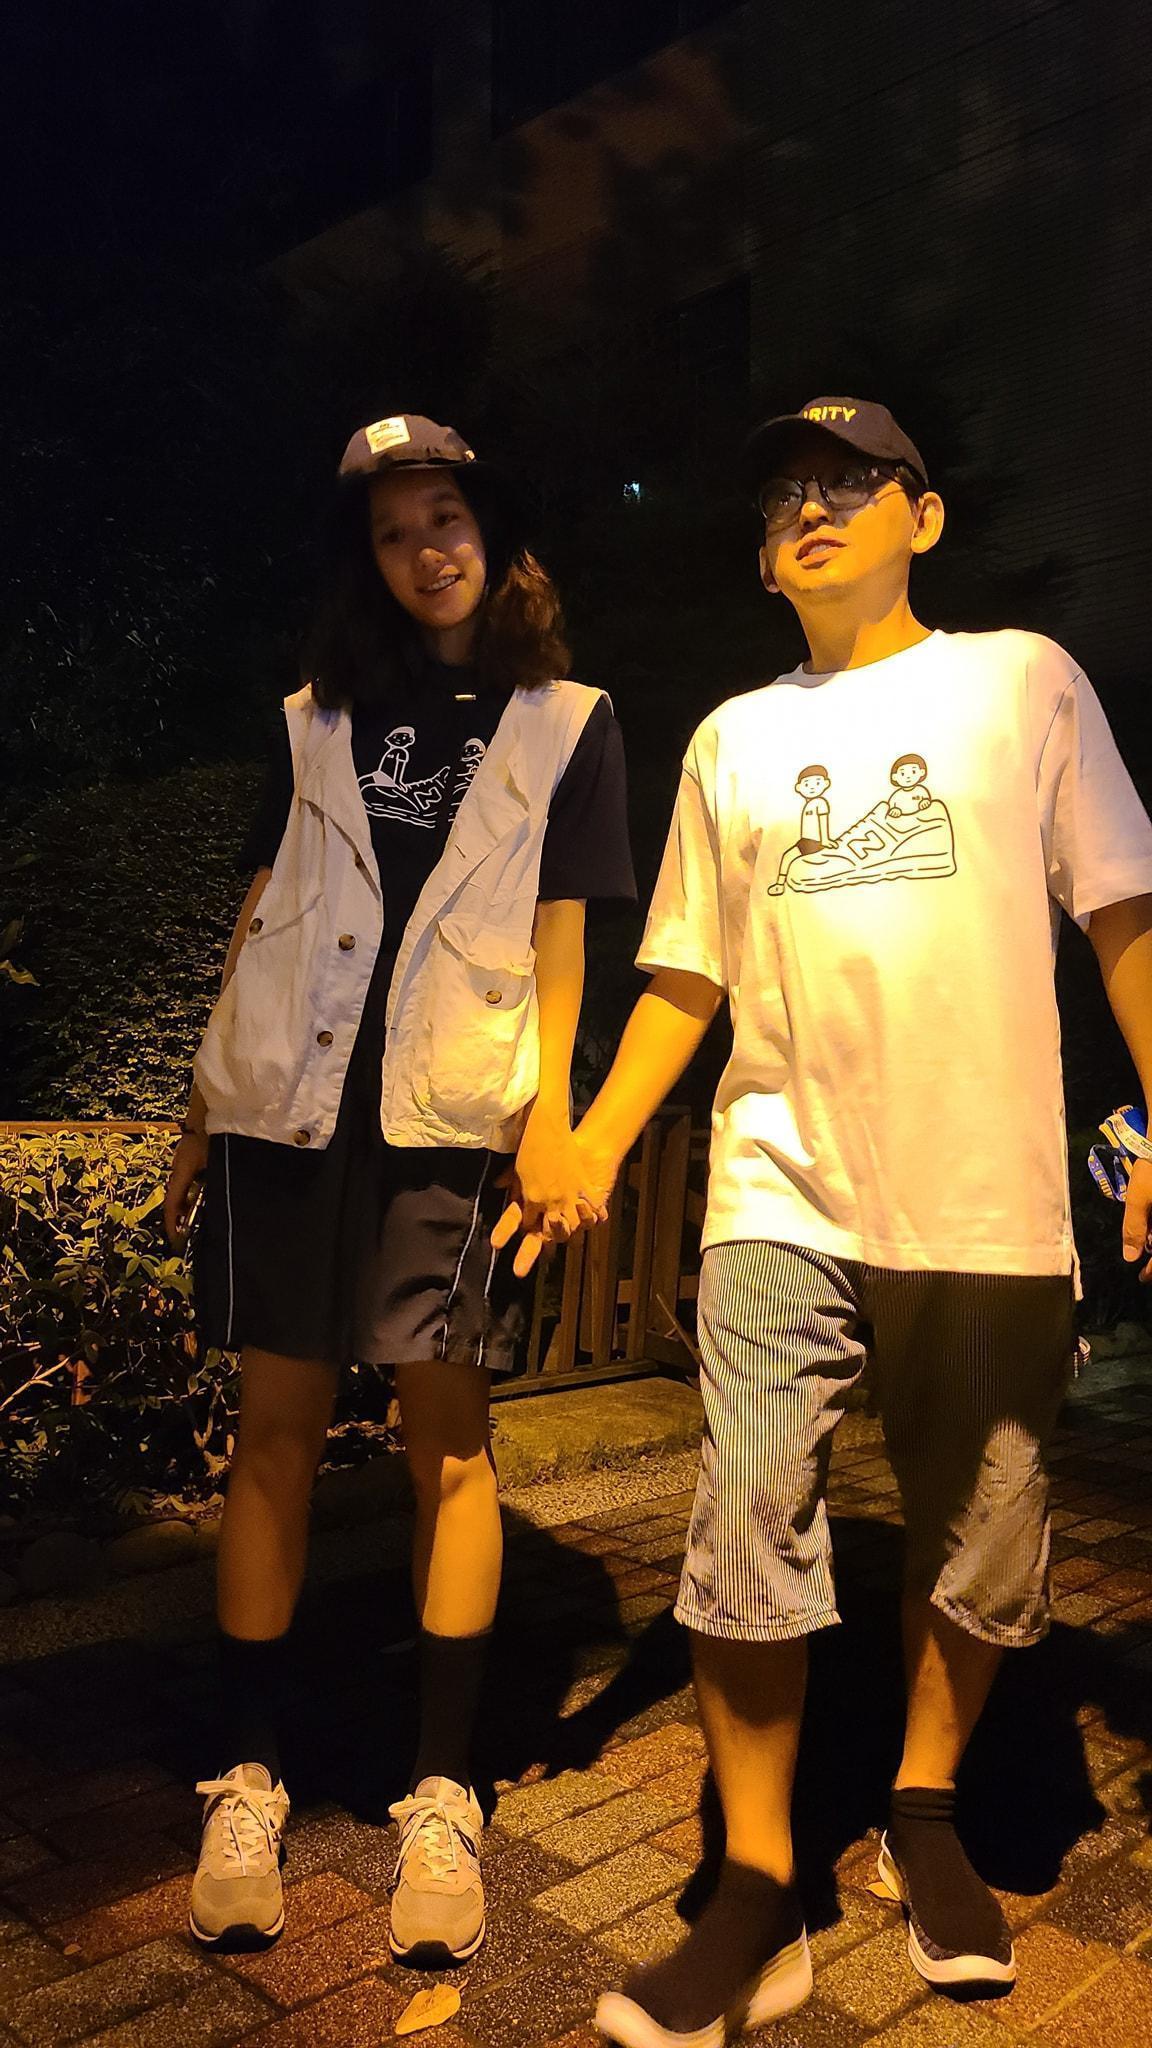 黃子佼與孟耿如在疫情間,一起出遊台灣許多地方。(翻攝自黃子佼臉書)